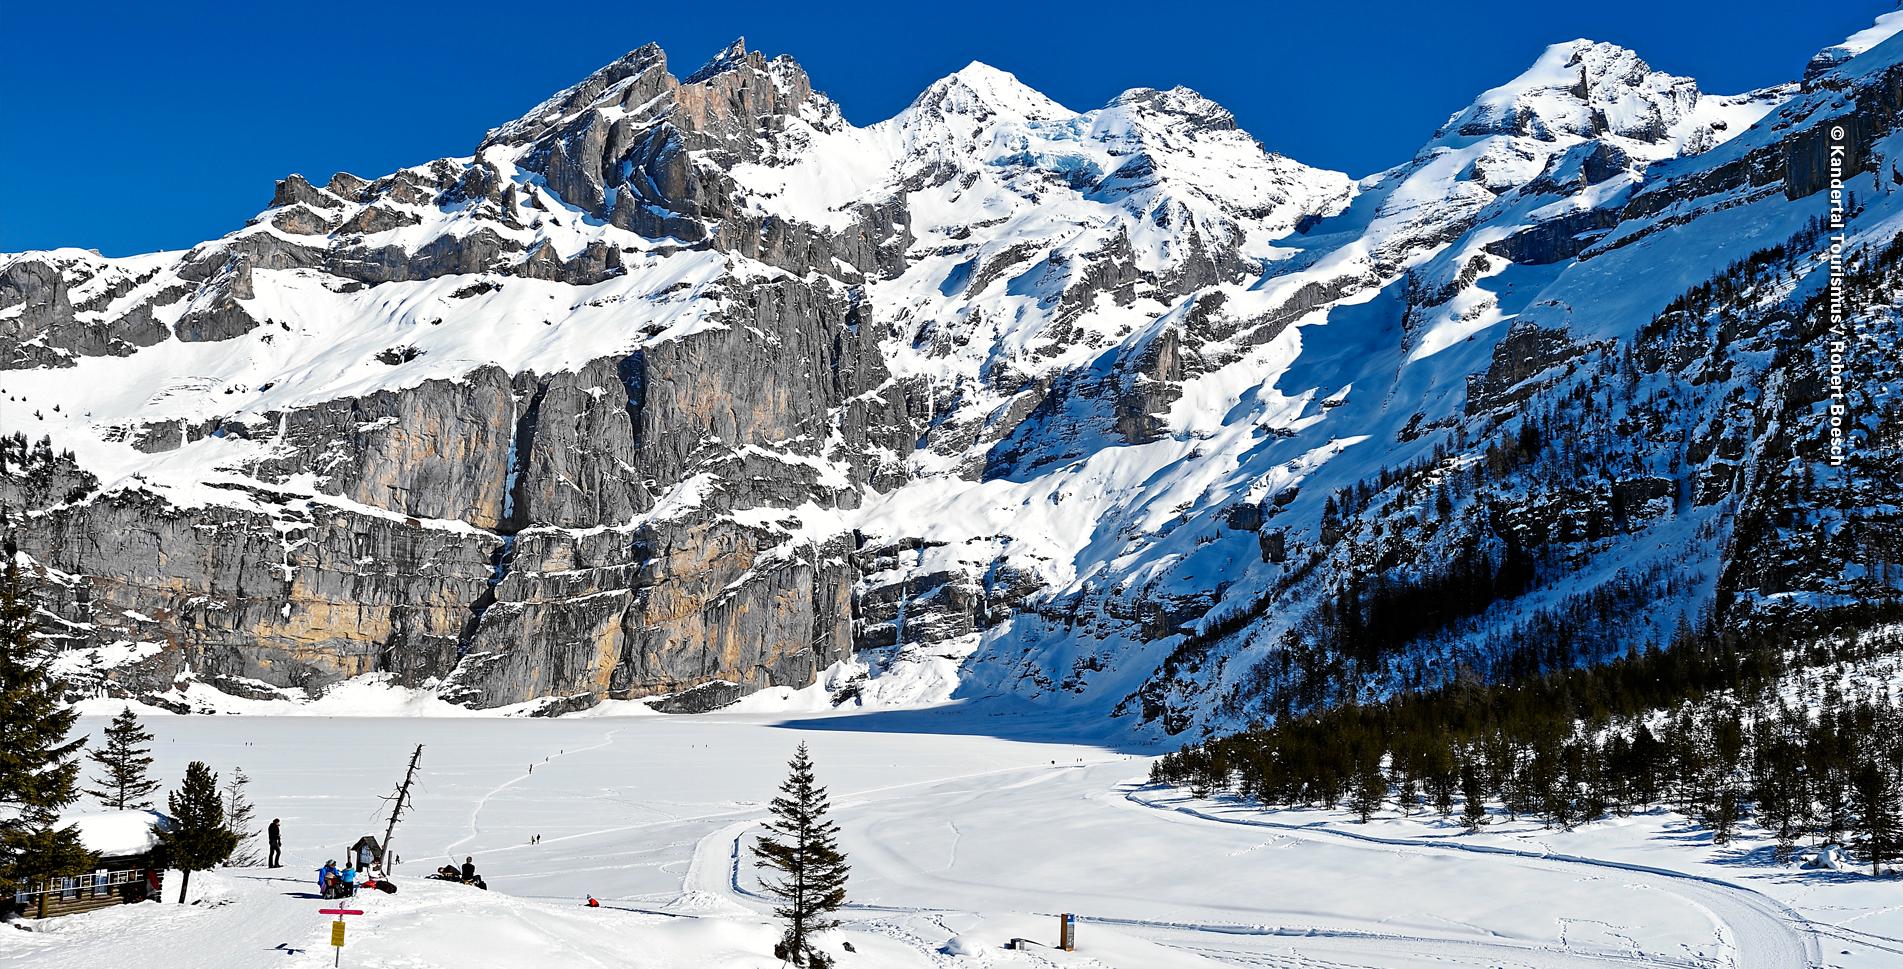 Winterwanderung von Oeschinen zum Oeschinensee oberhalb Kandersteg